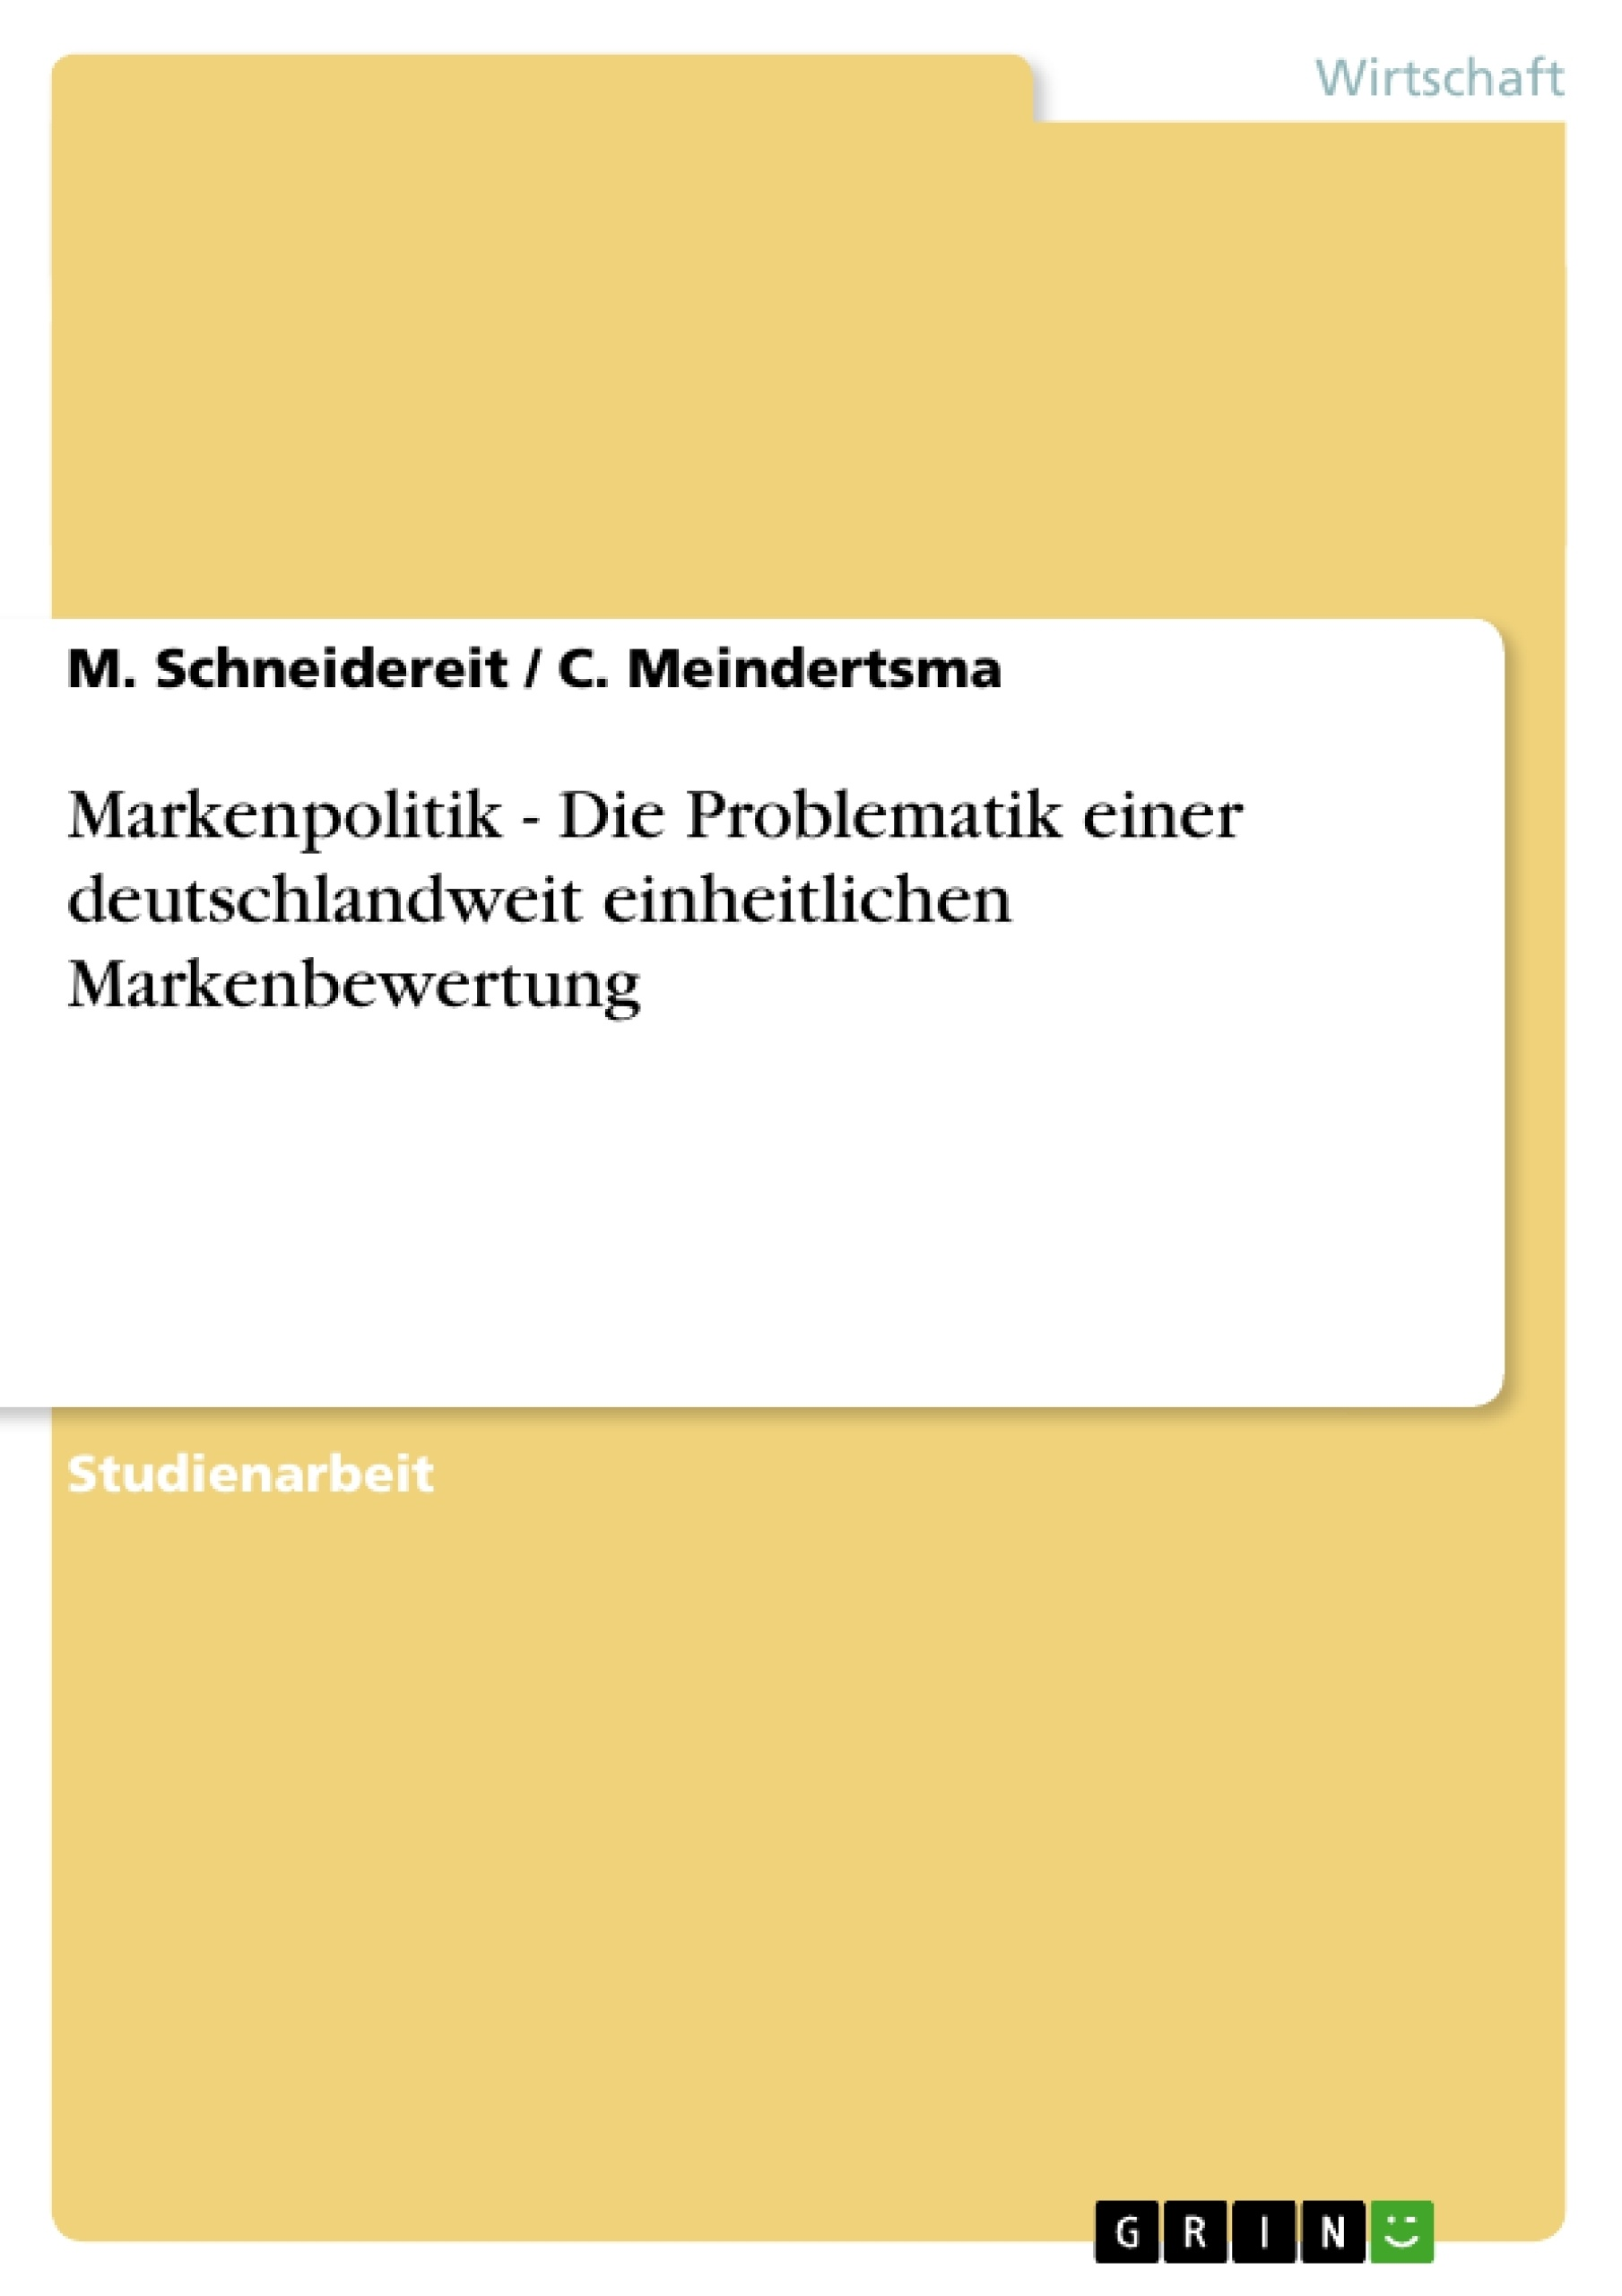 Titel: Markenpolitik - Die Problematik einer deutschlandweit einheitlichen Markenbewertung